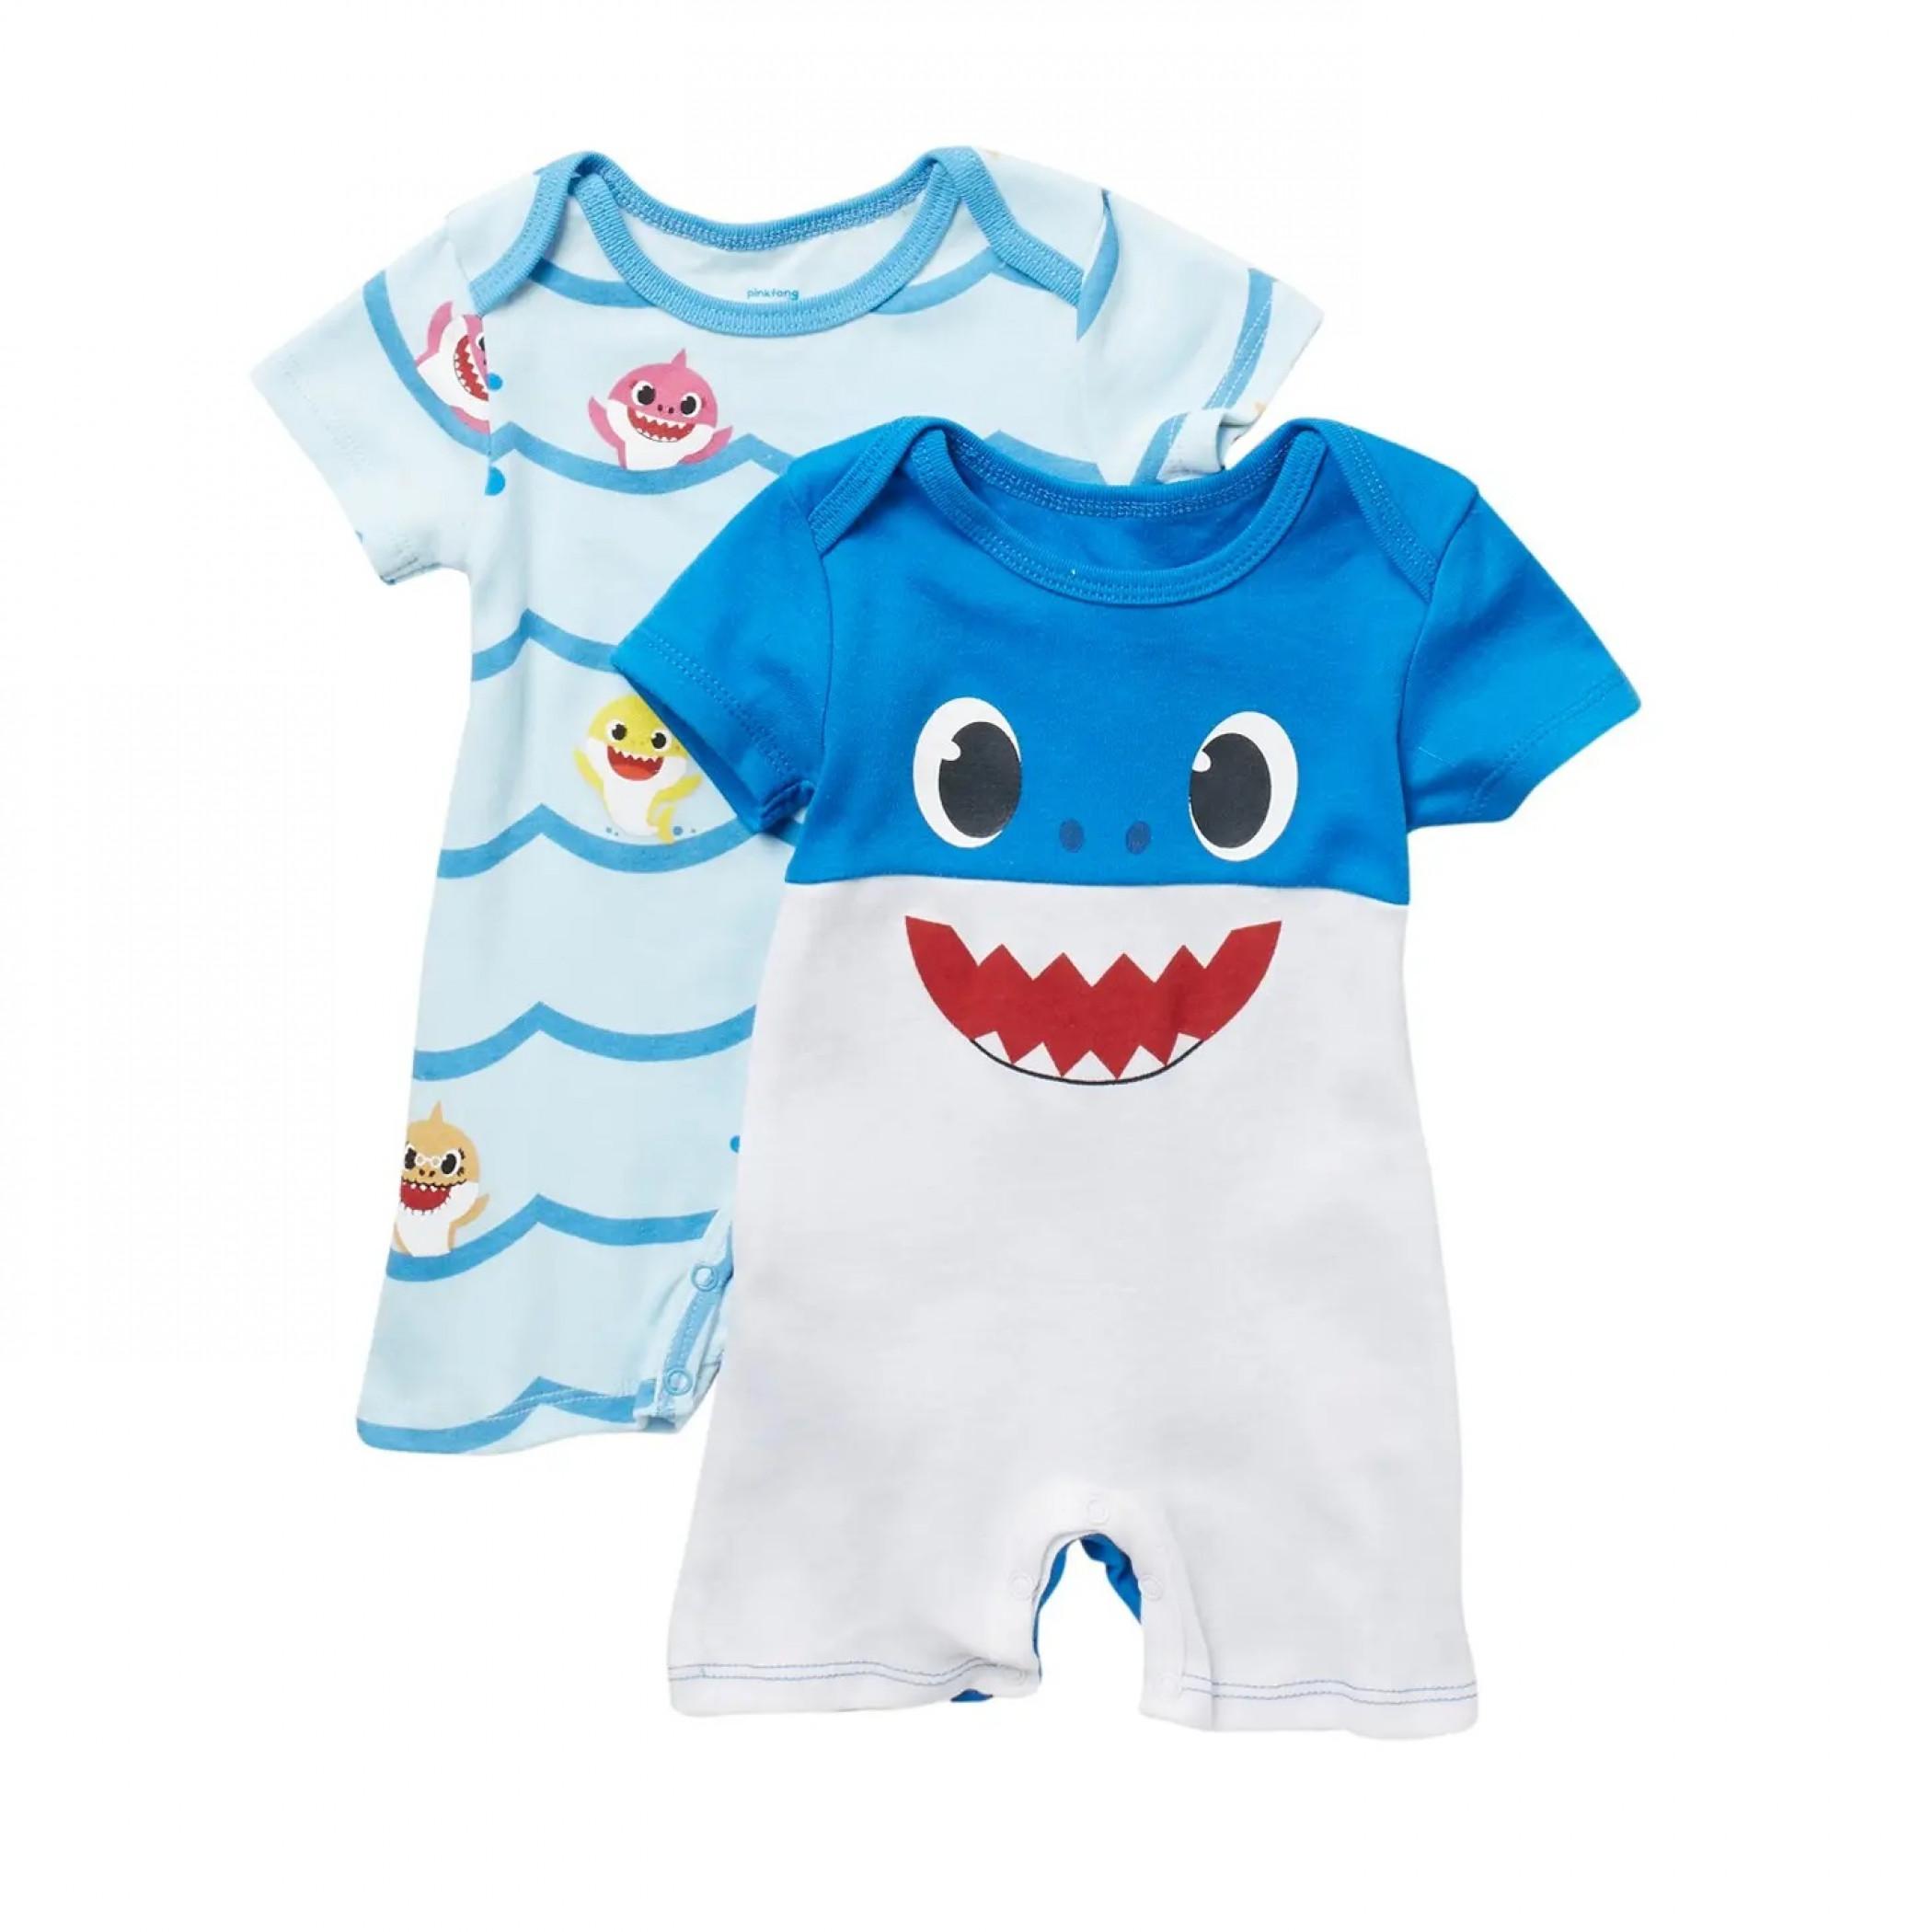 Baby Shark Romper 2 Pack